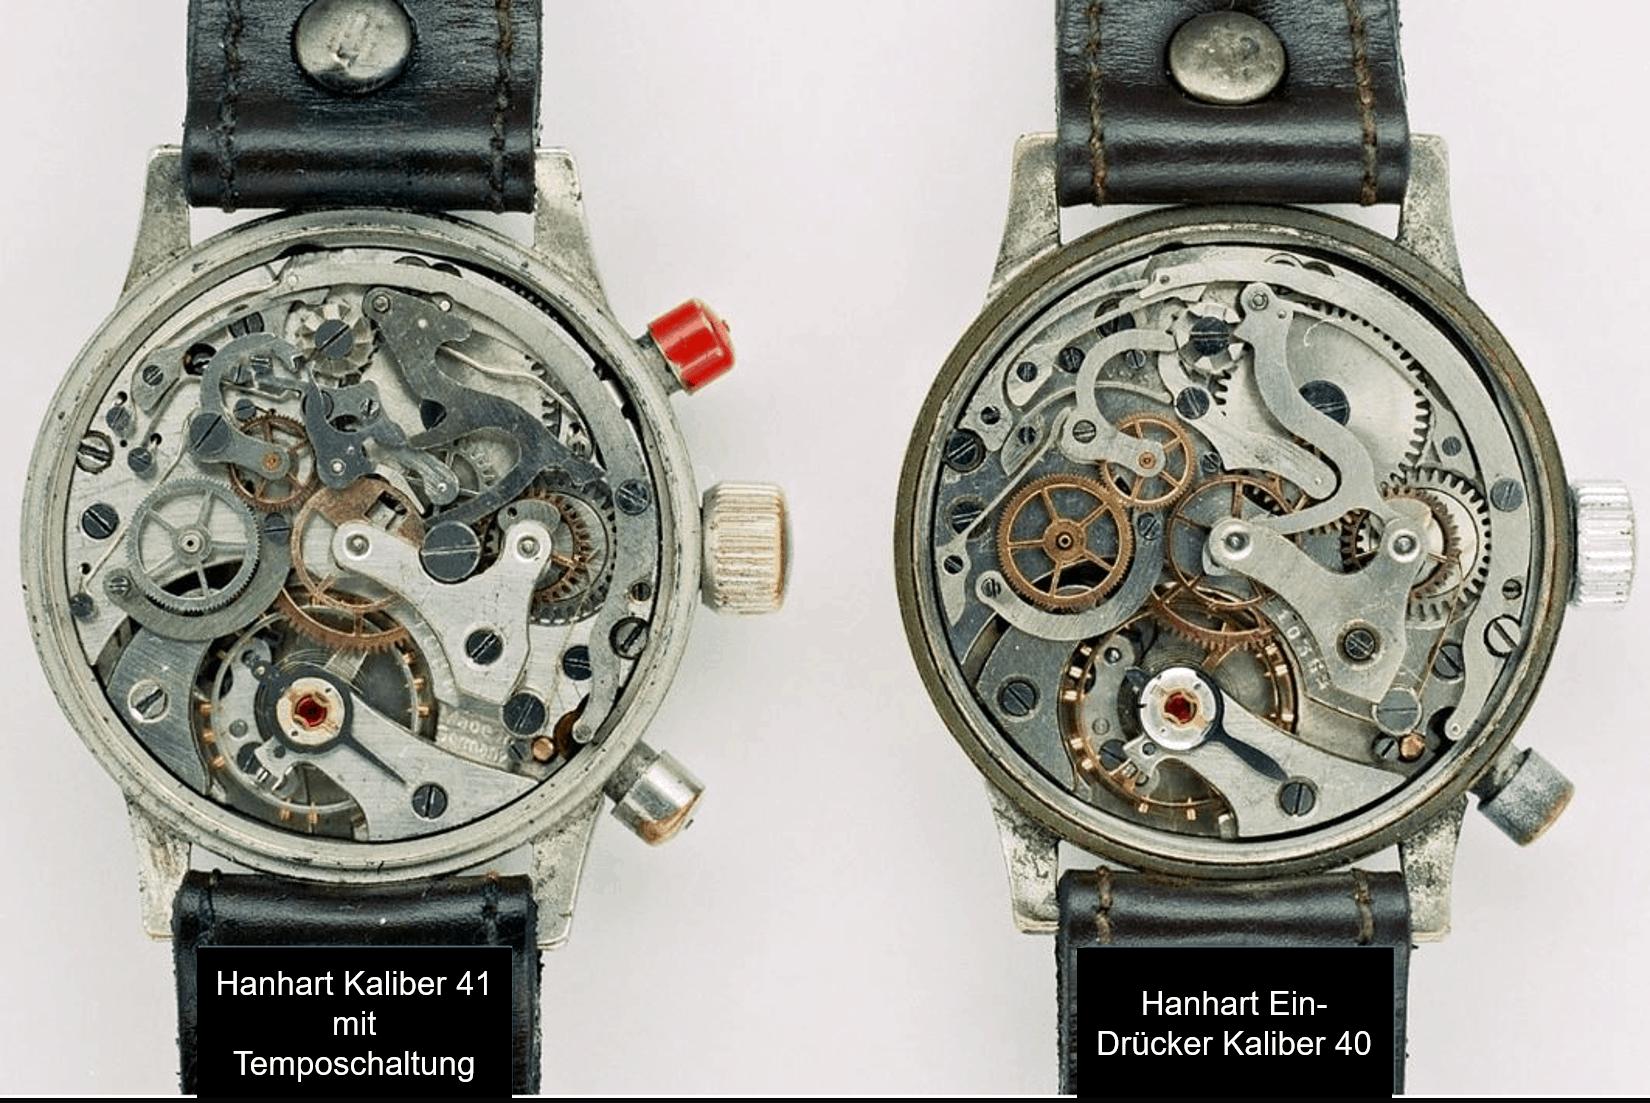 Hanhart Chronographenkaliber 41 vs. Hanhart 40